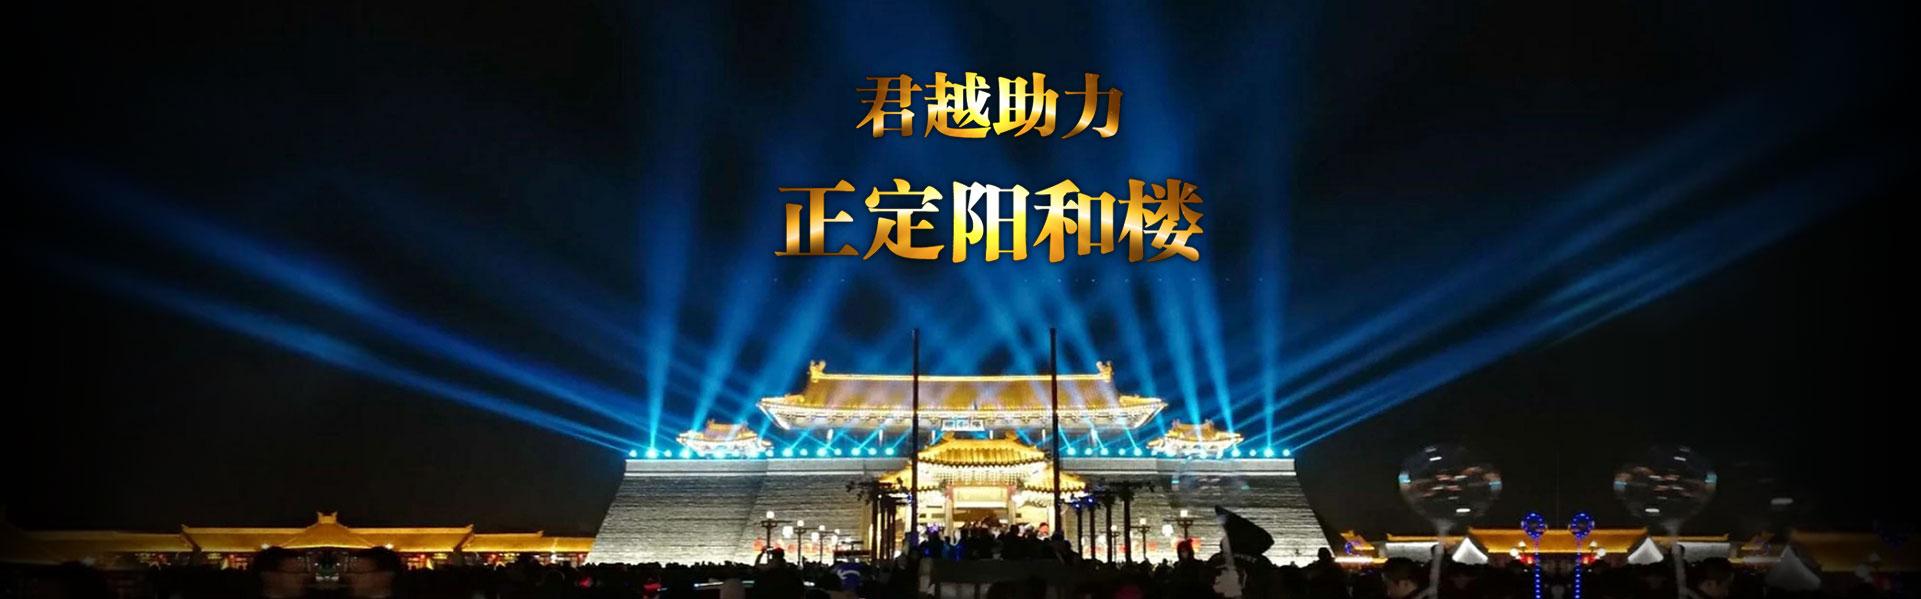 广州君越文旅灯光设备有限公司[]